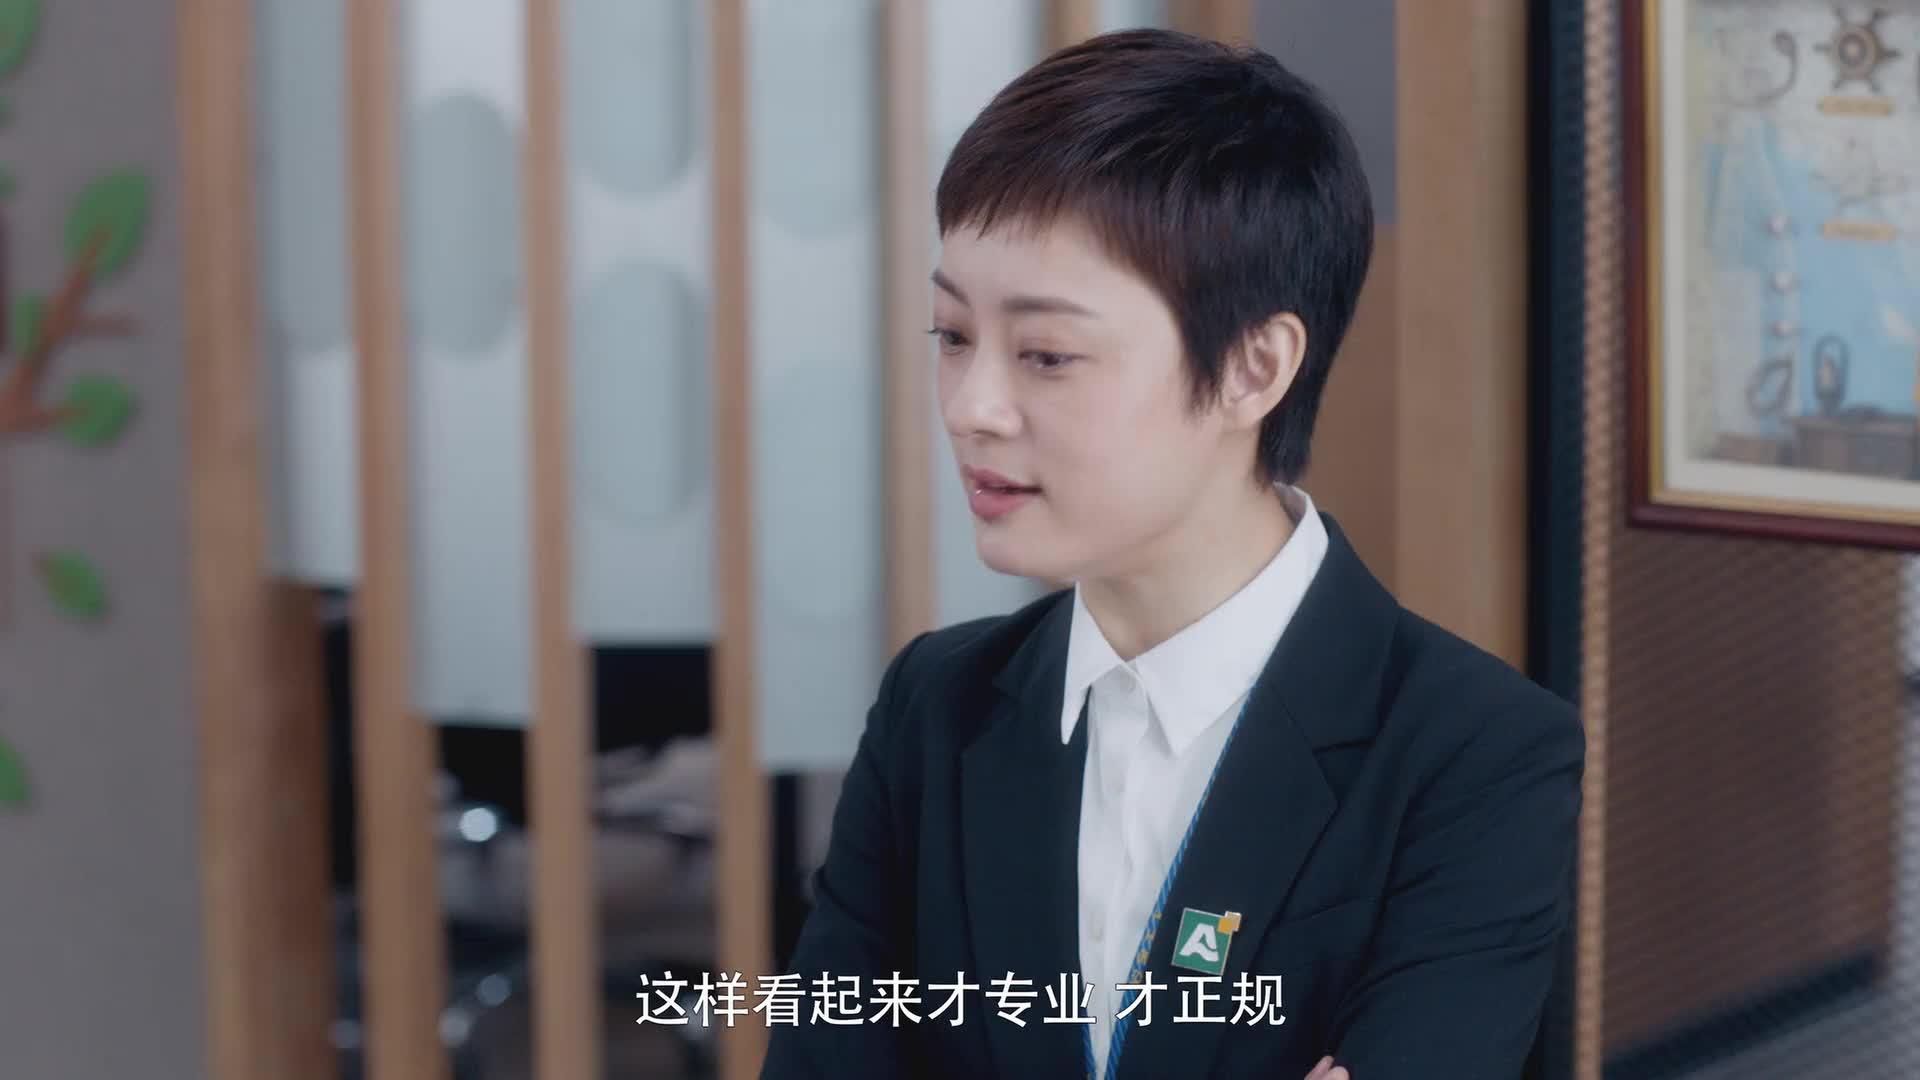 安家:徐文昌一边谈话,一边系着裤腰带,太搞笑了